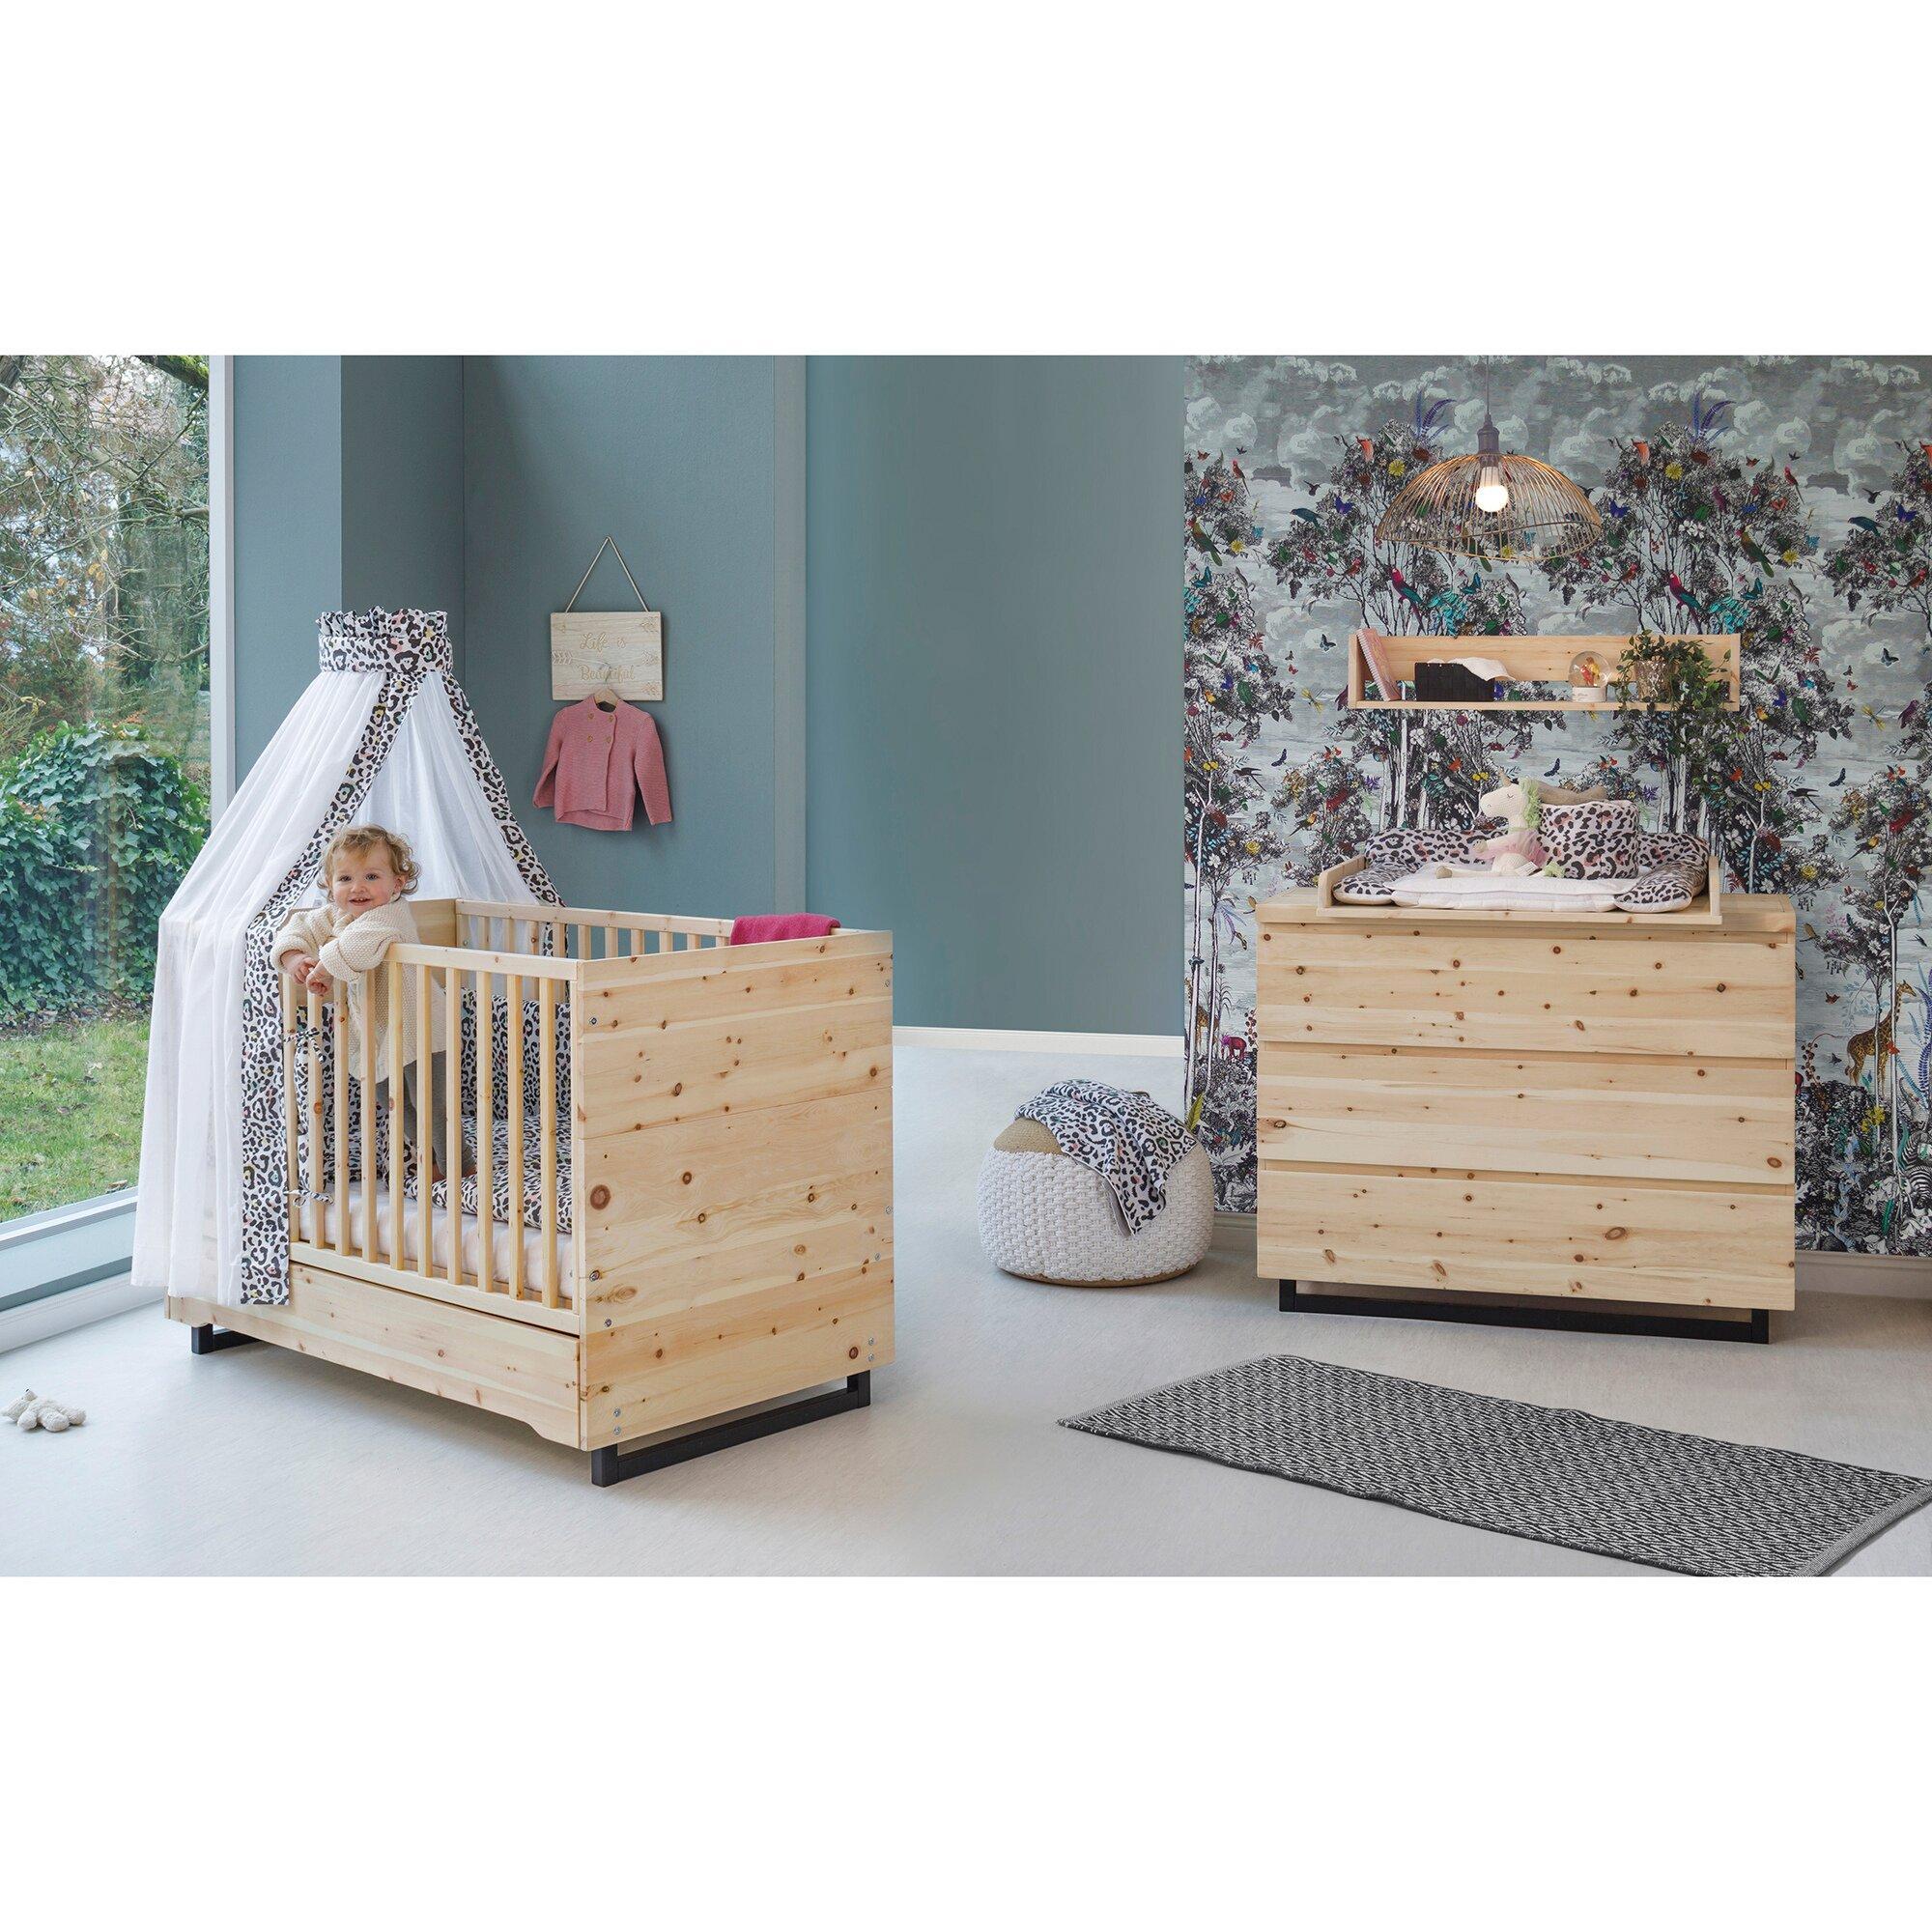 2-tlg. Babyzimmer Zirbenholz